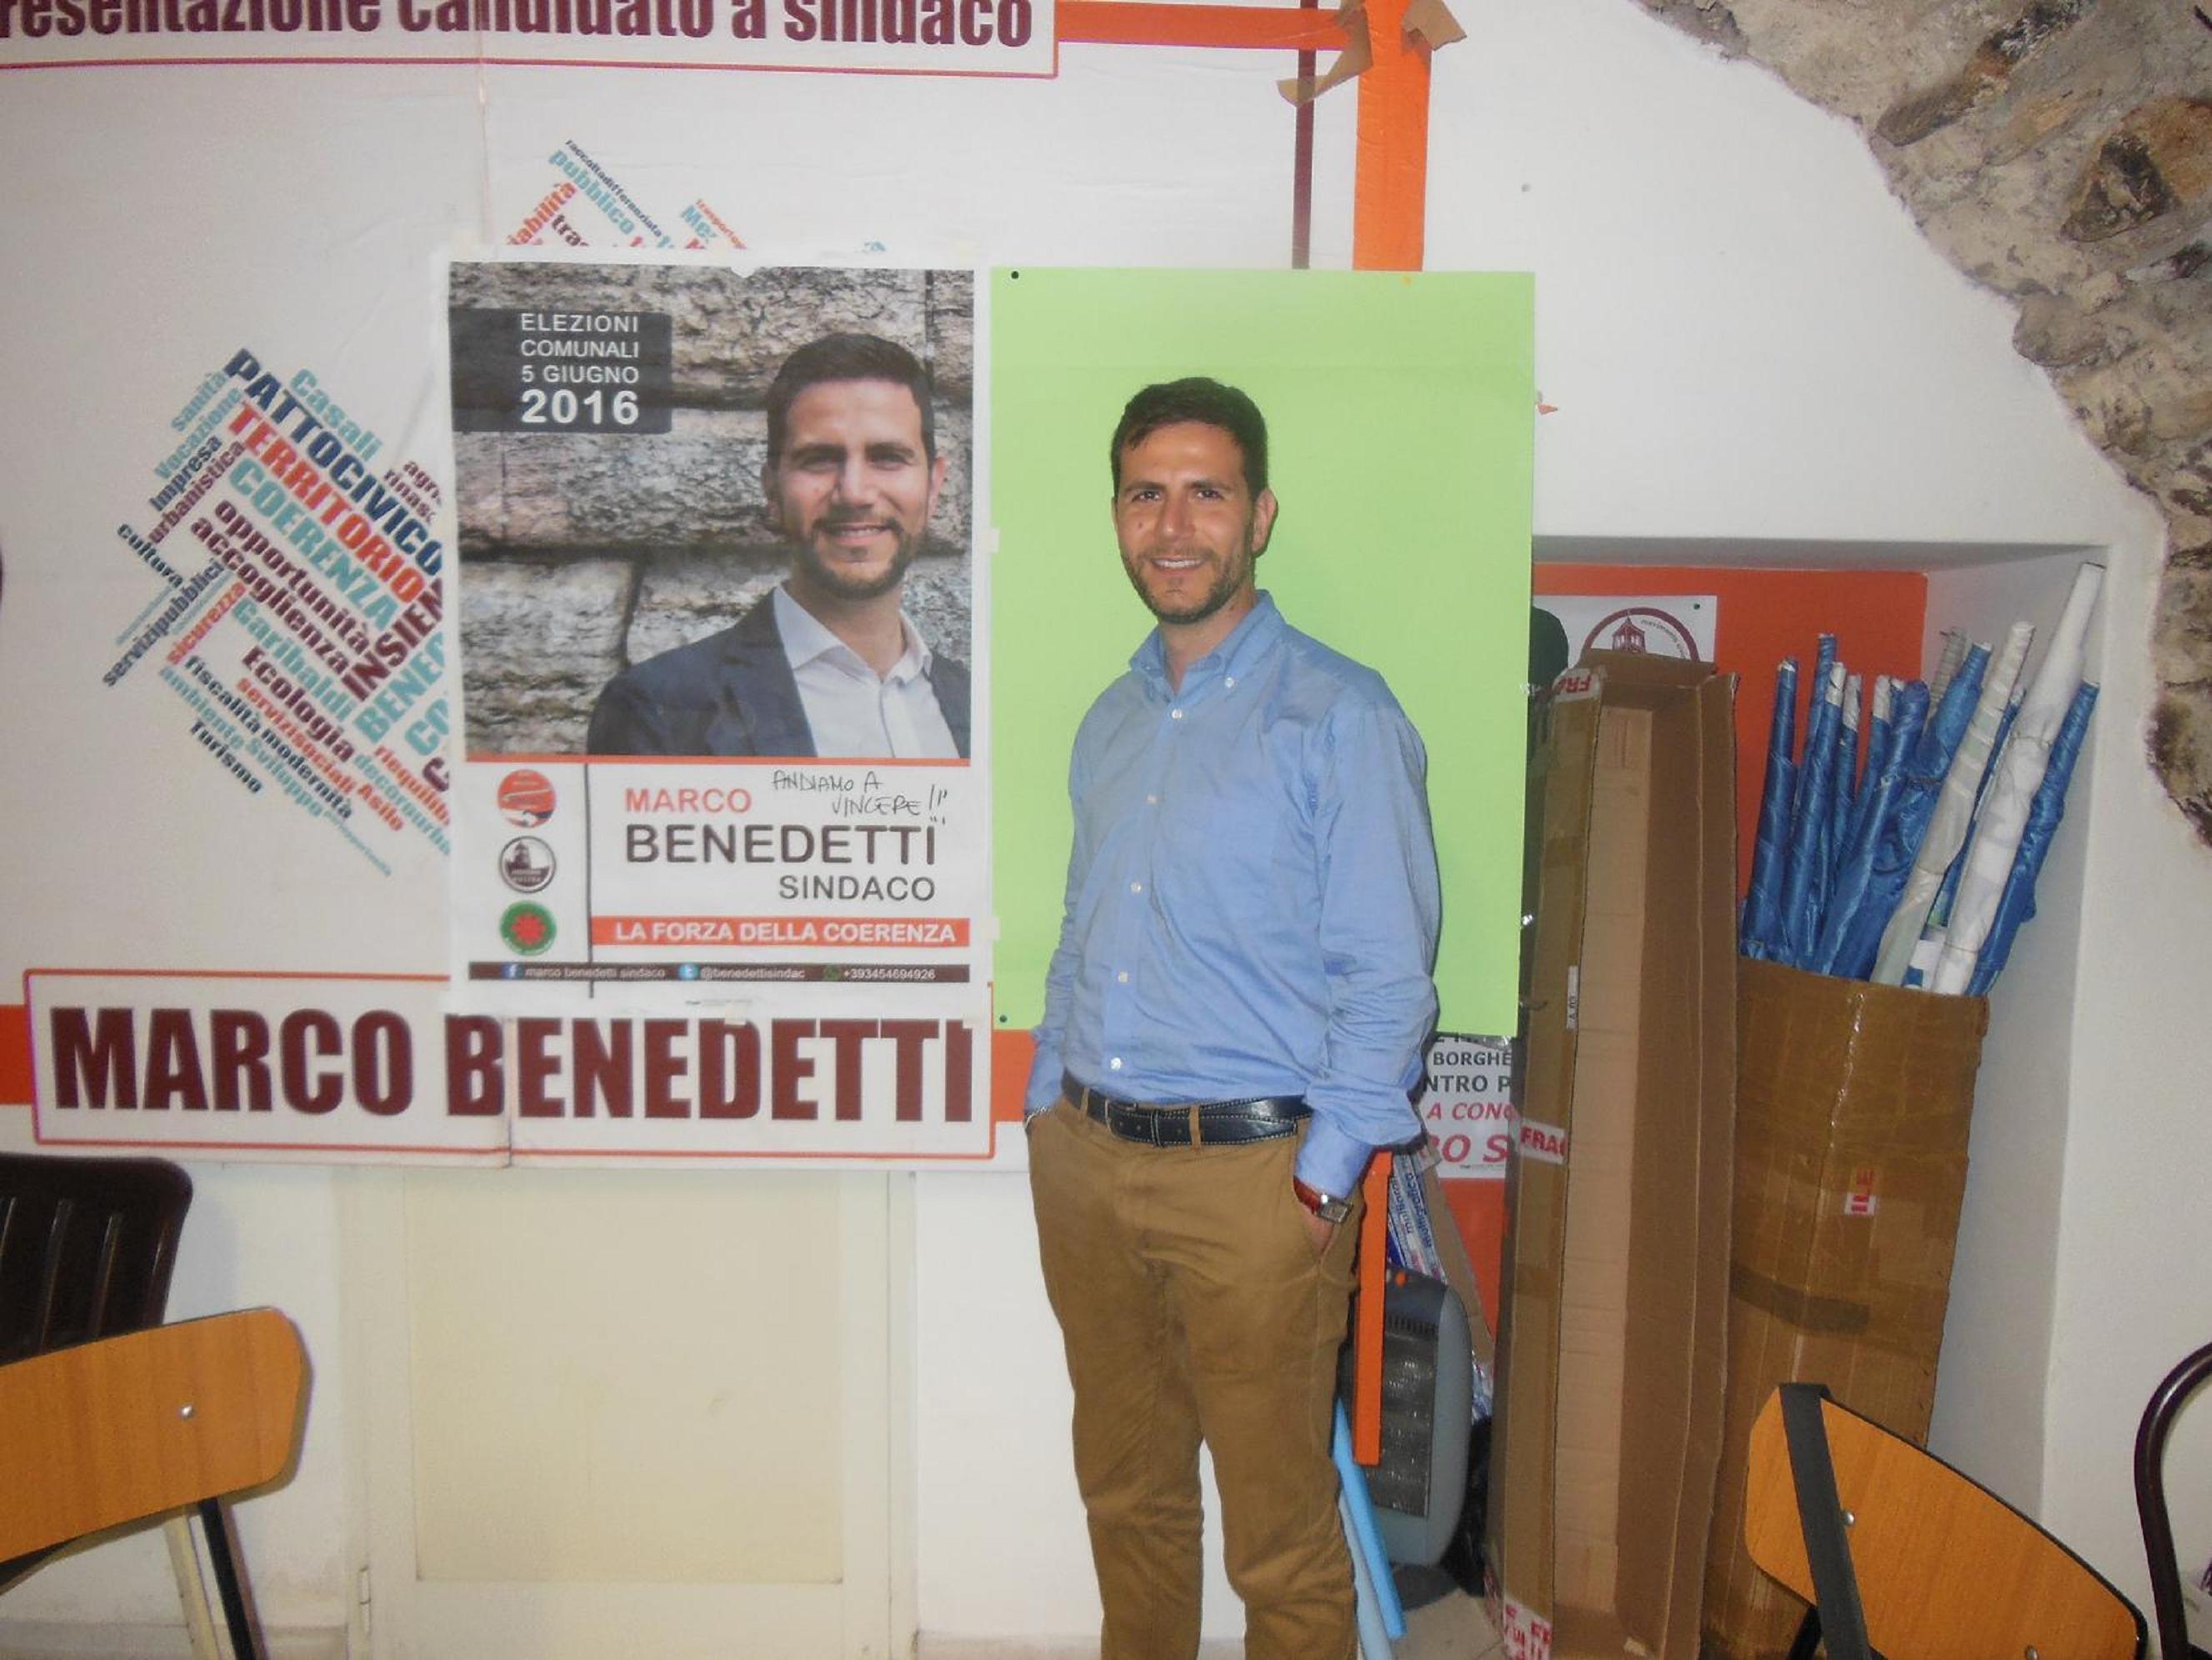 """Mentana al ballottaggio, Benedetti: """"La Rendini ha già dimostrato la sua inadeguatezza"""""""